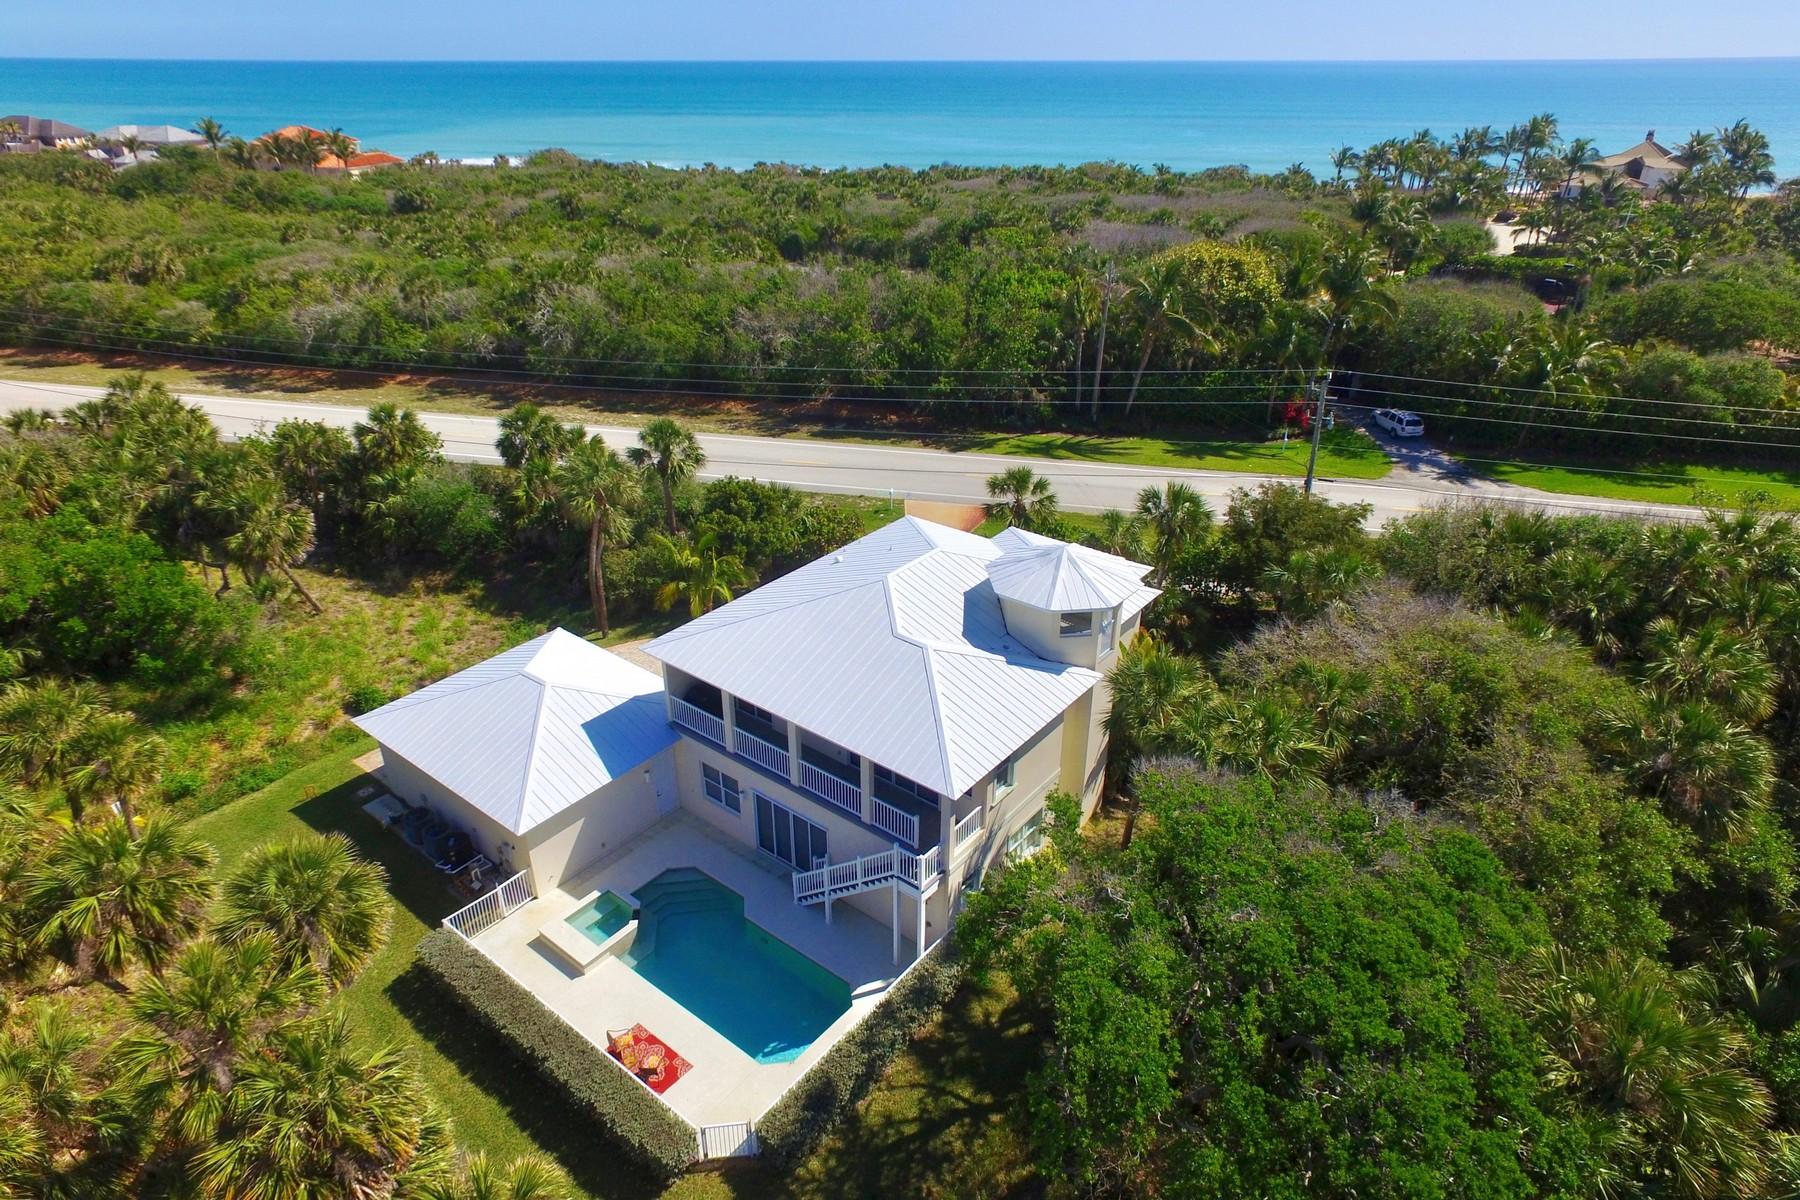 独户住宅 为 销售 在 Exceptional Home Steps to Ocean 11699 Highway A1A 维罗海滩, 佛罗里达州, 32963 美国